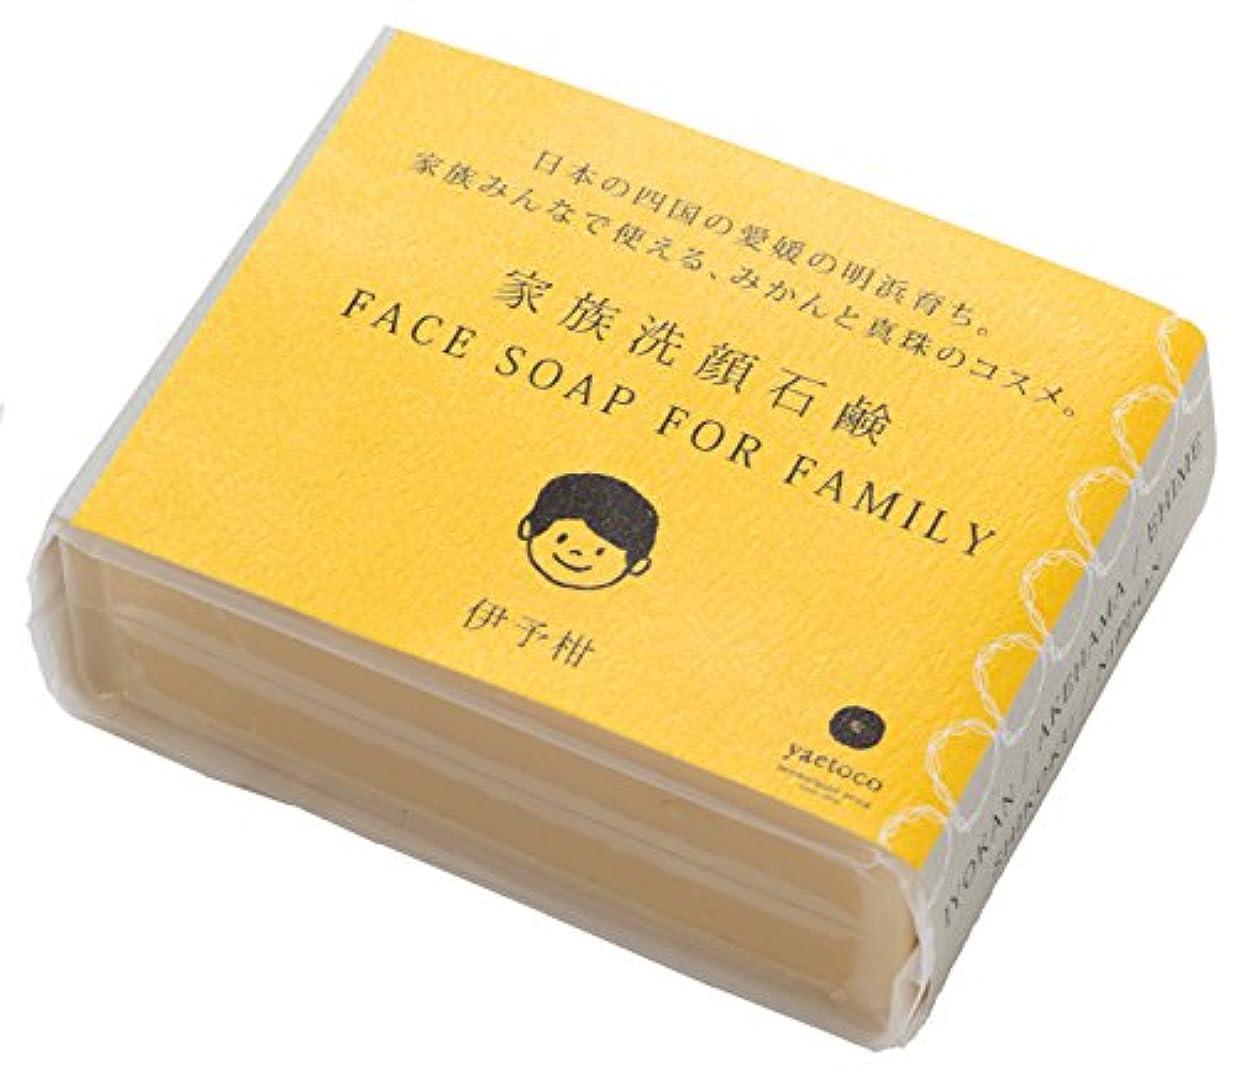 魅惑的な国勢調査ラフトyaetoco家族洗顔石鹸